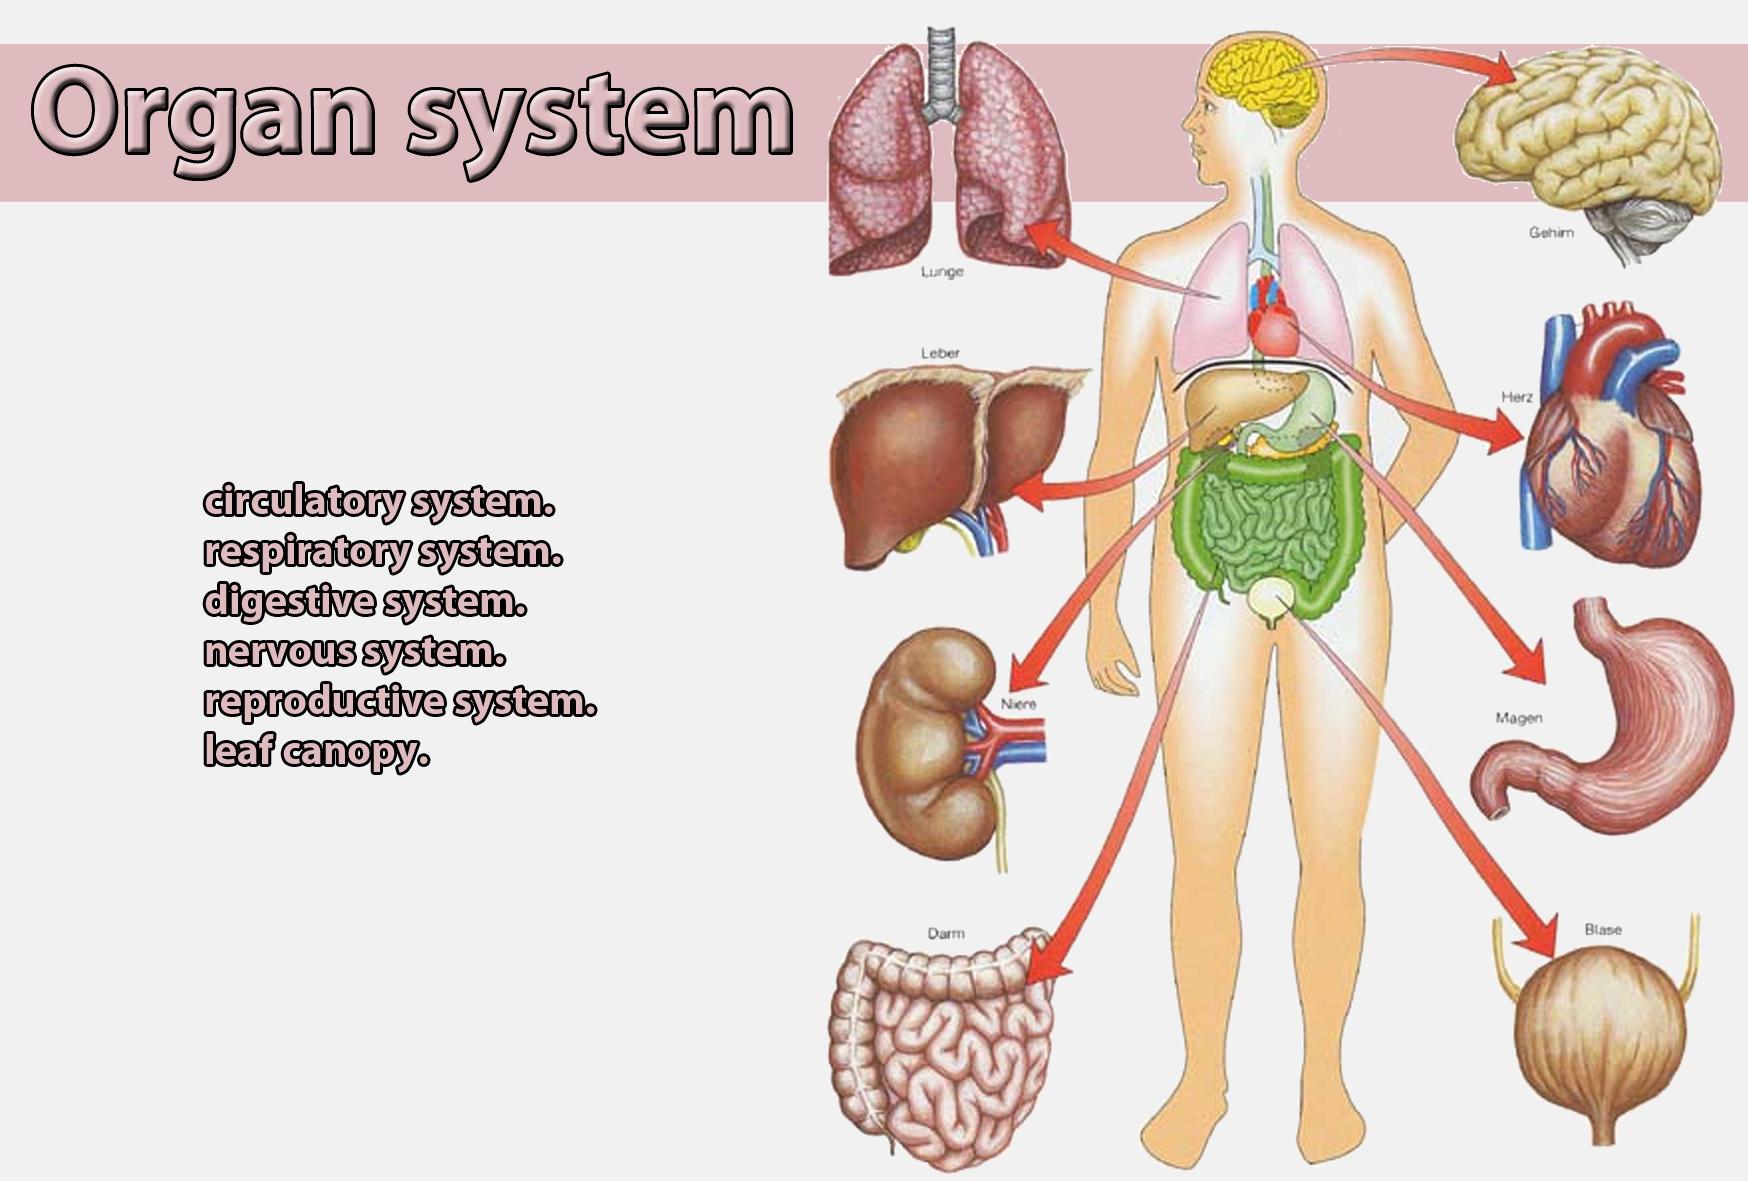 Organ system   Galnet Wiki   Fandom